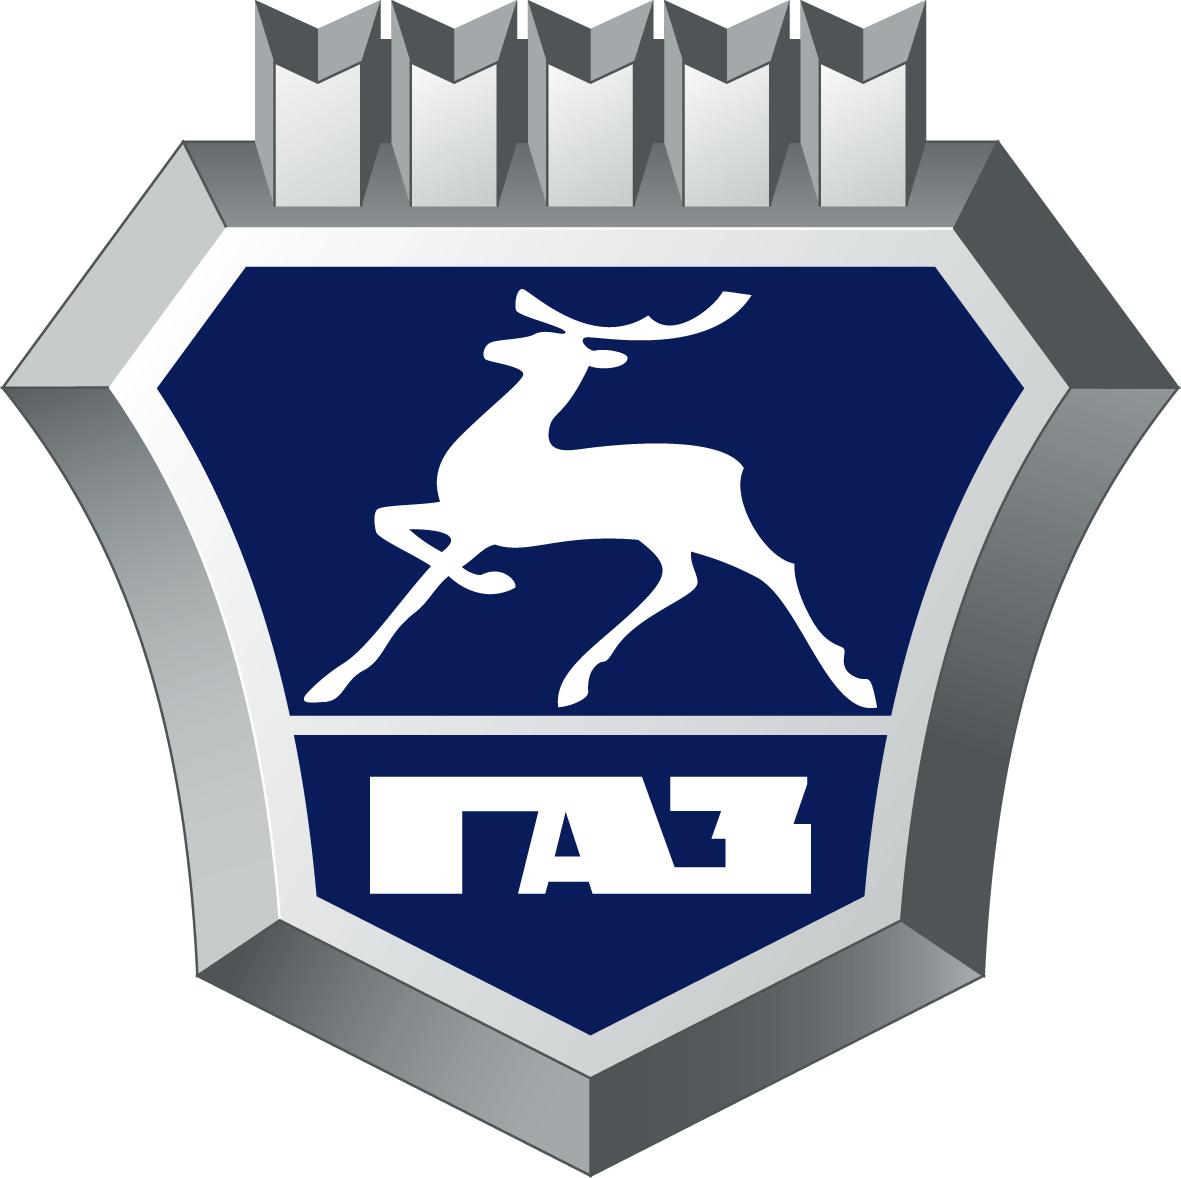 газ лого: